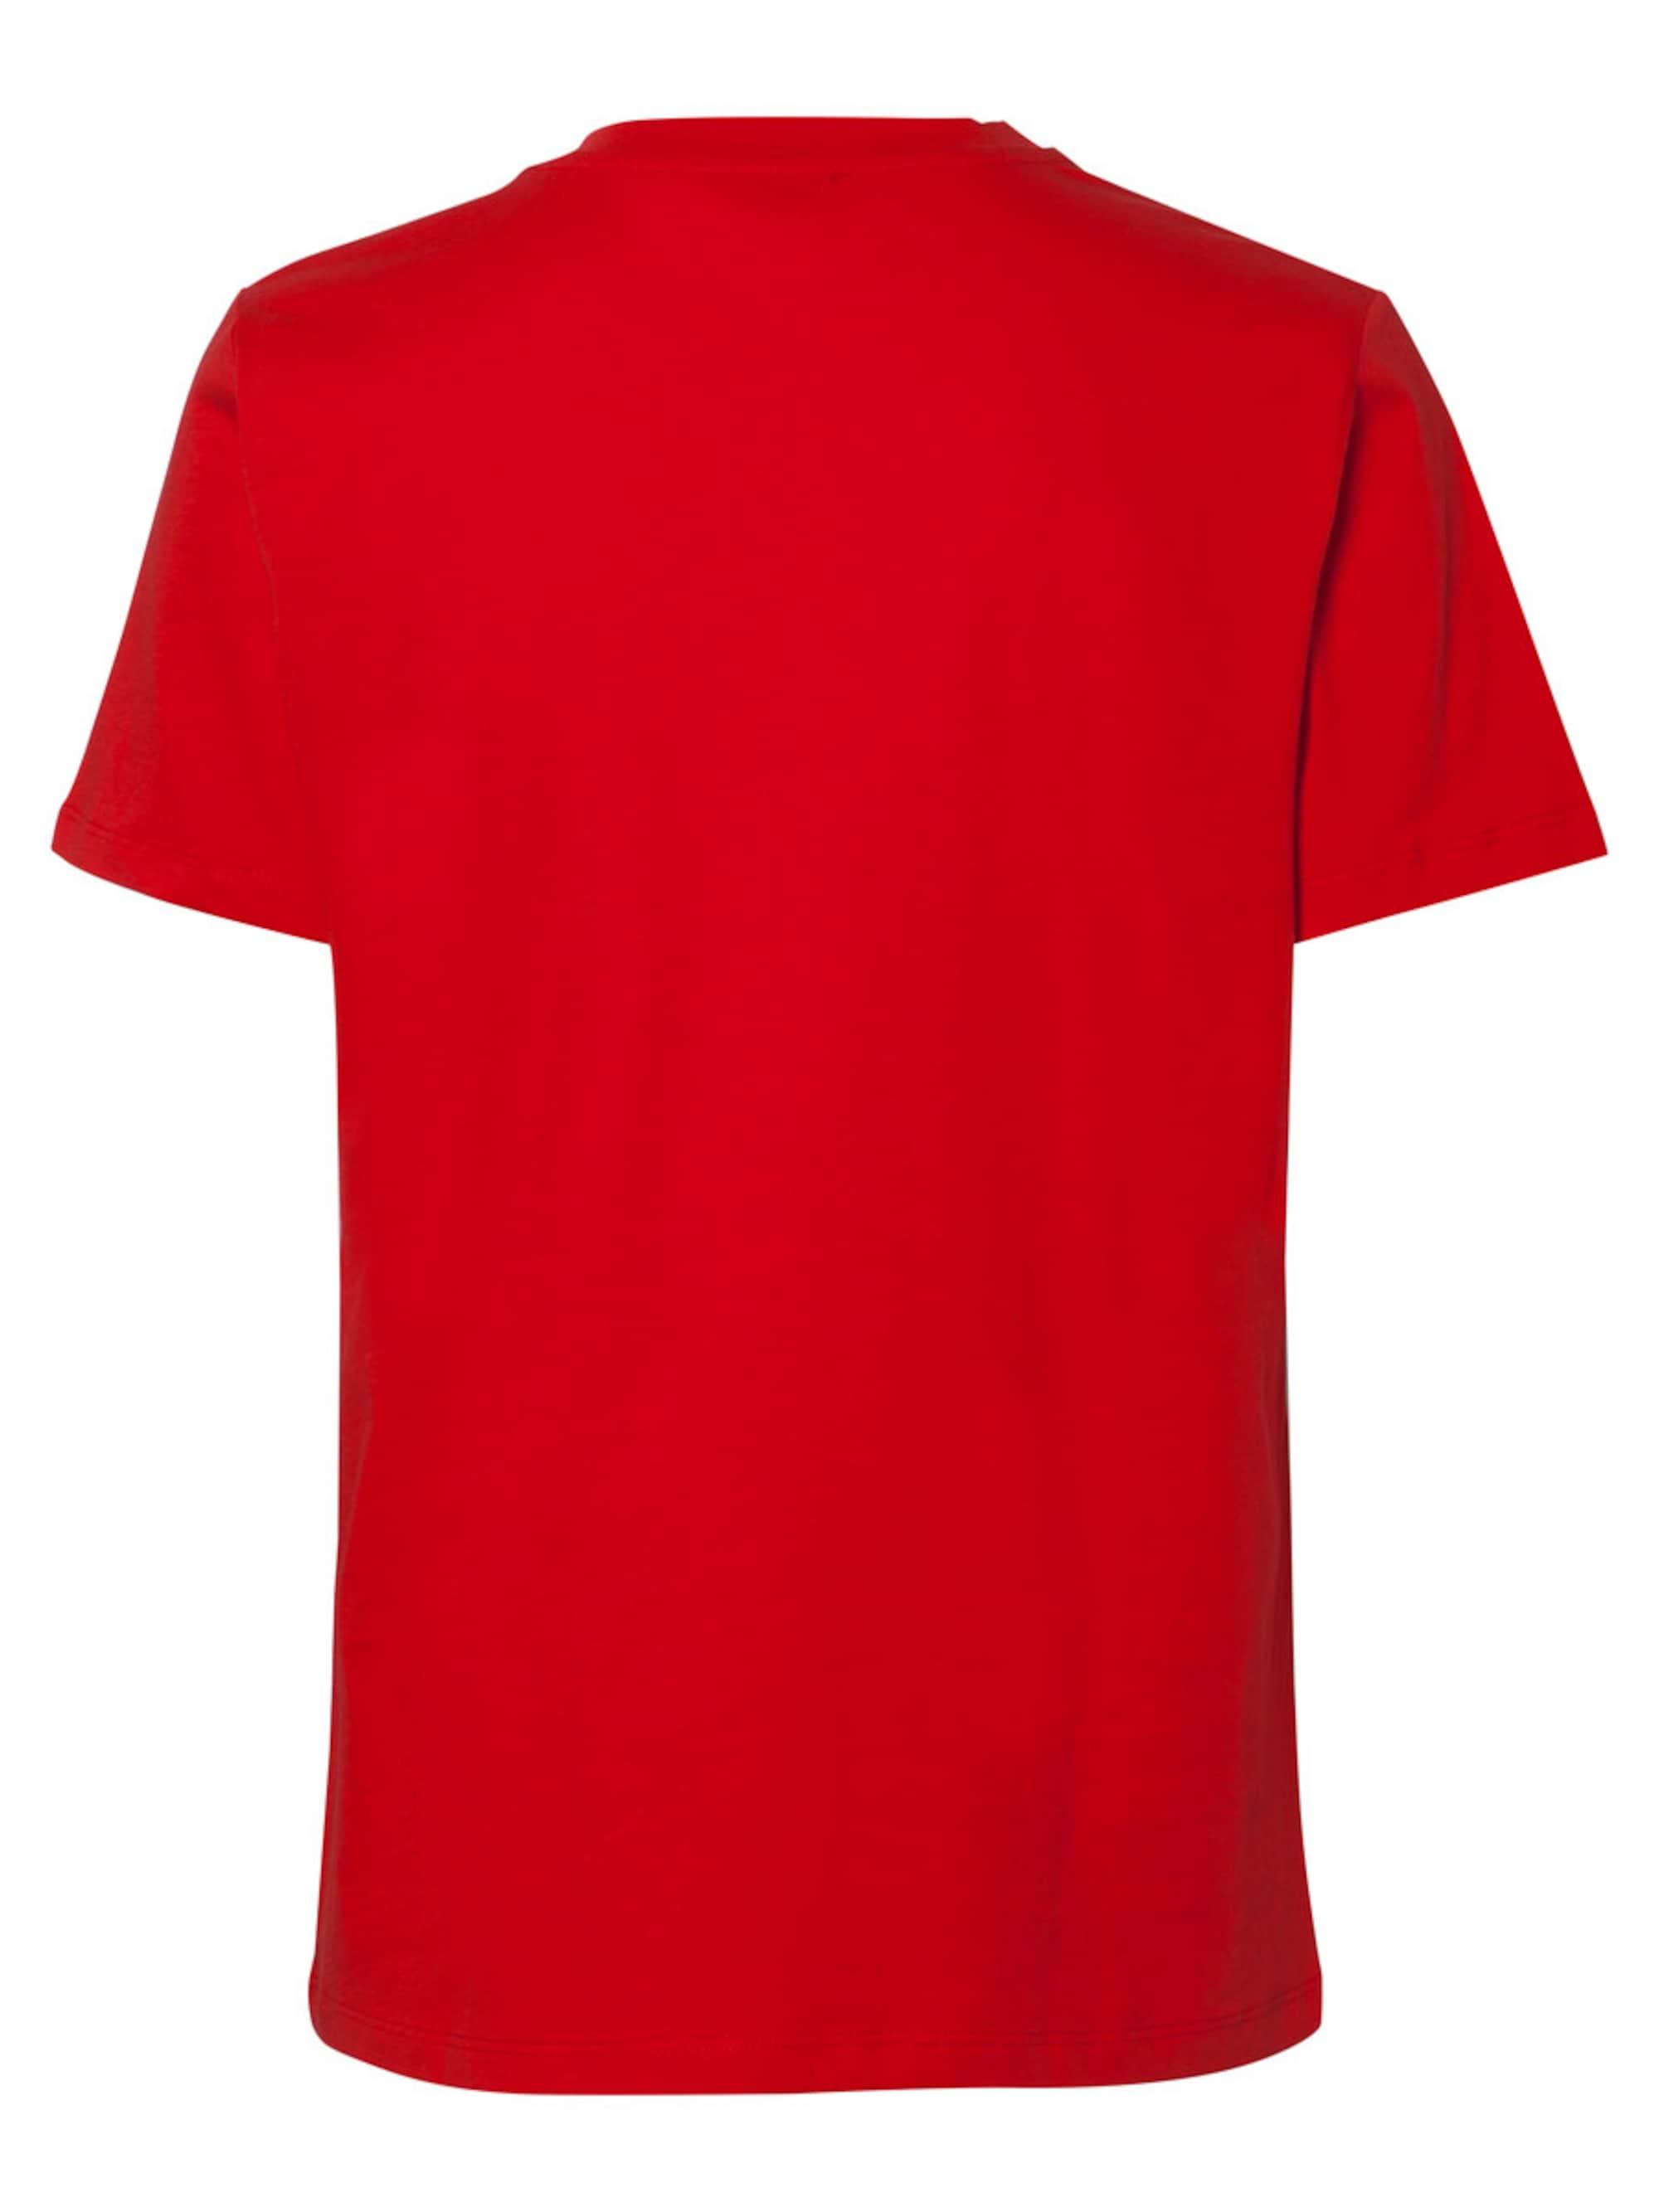 PIECES Koszulka  czerwony / biały